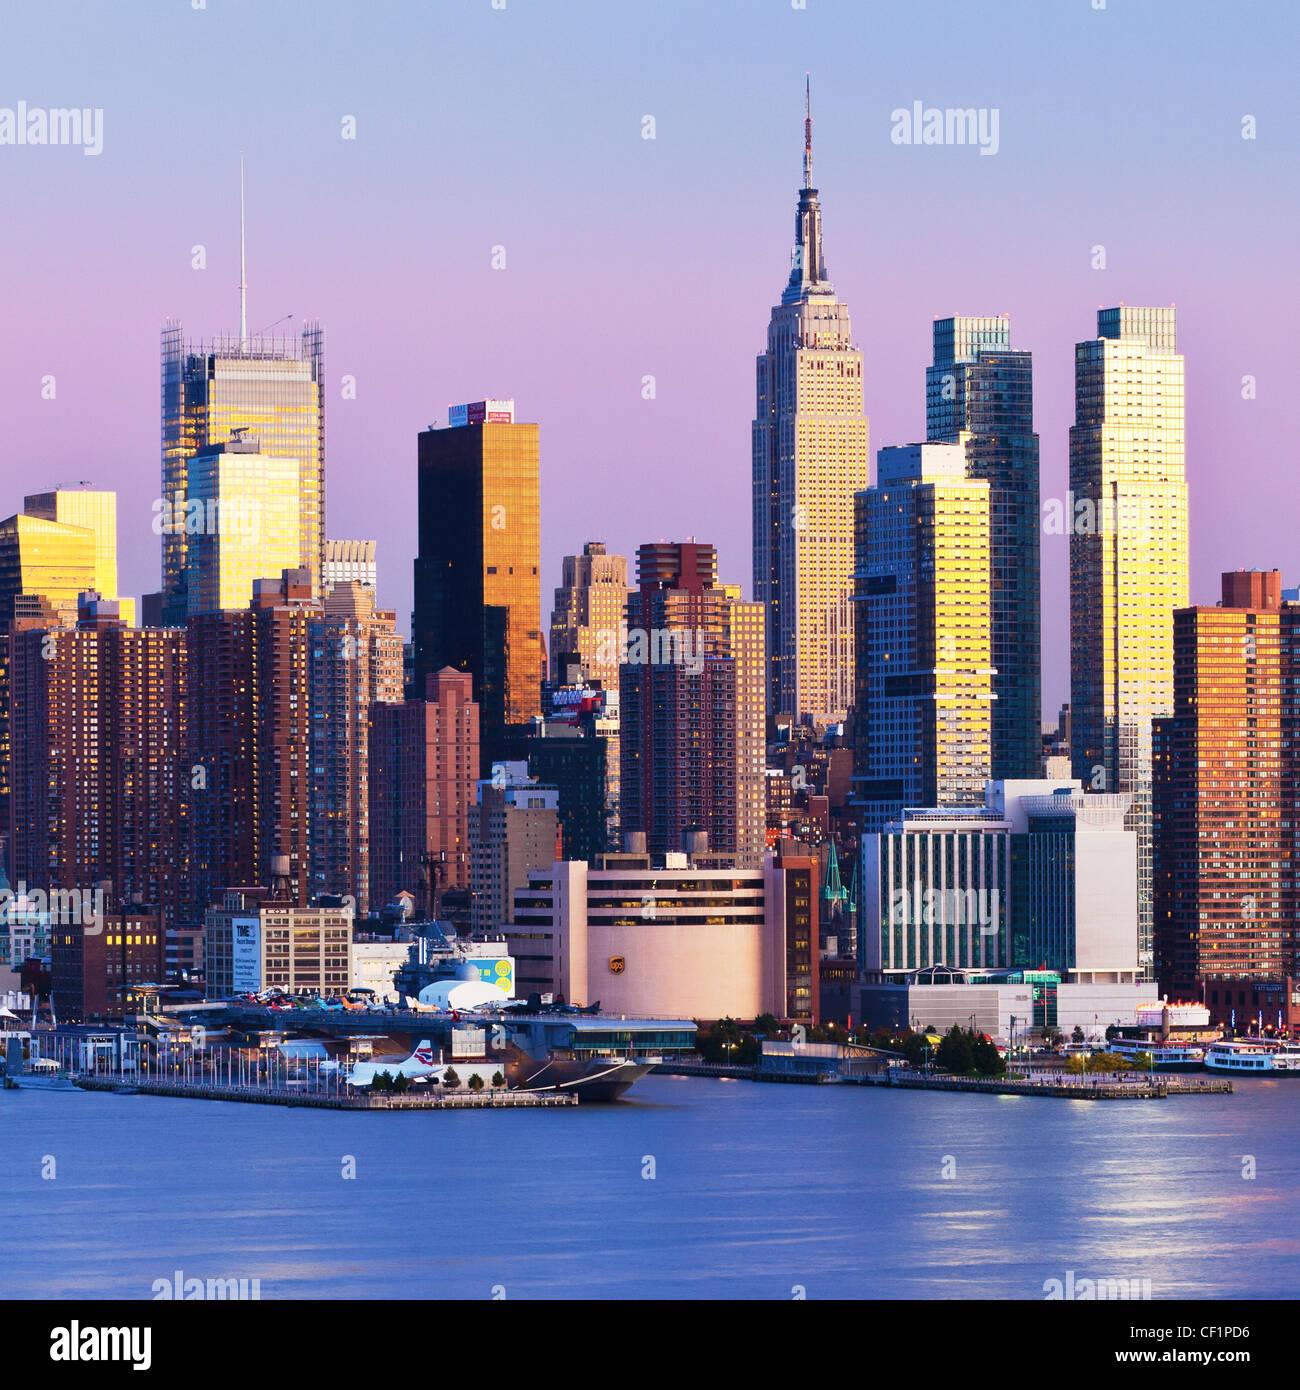 Manhattan, vistas de Manhattan, al otro lado del Río Hudson, Nueva York, Estados Unidos de América Imagen De Stock